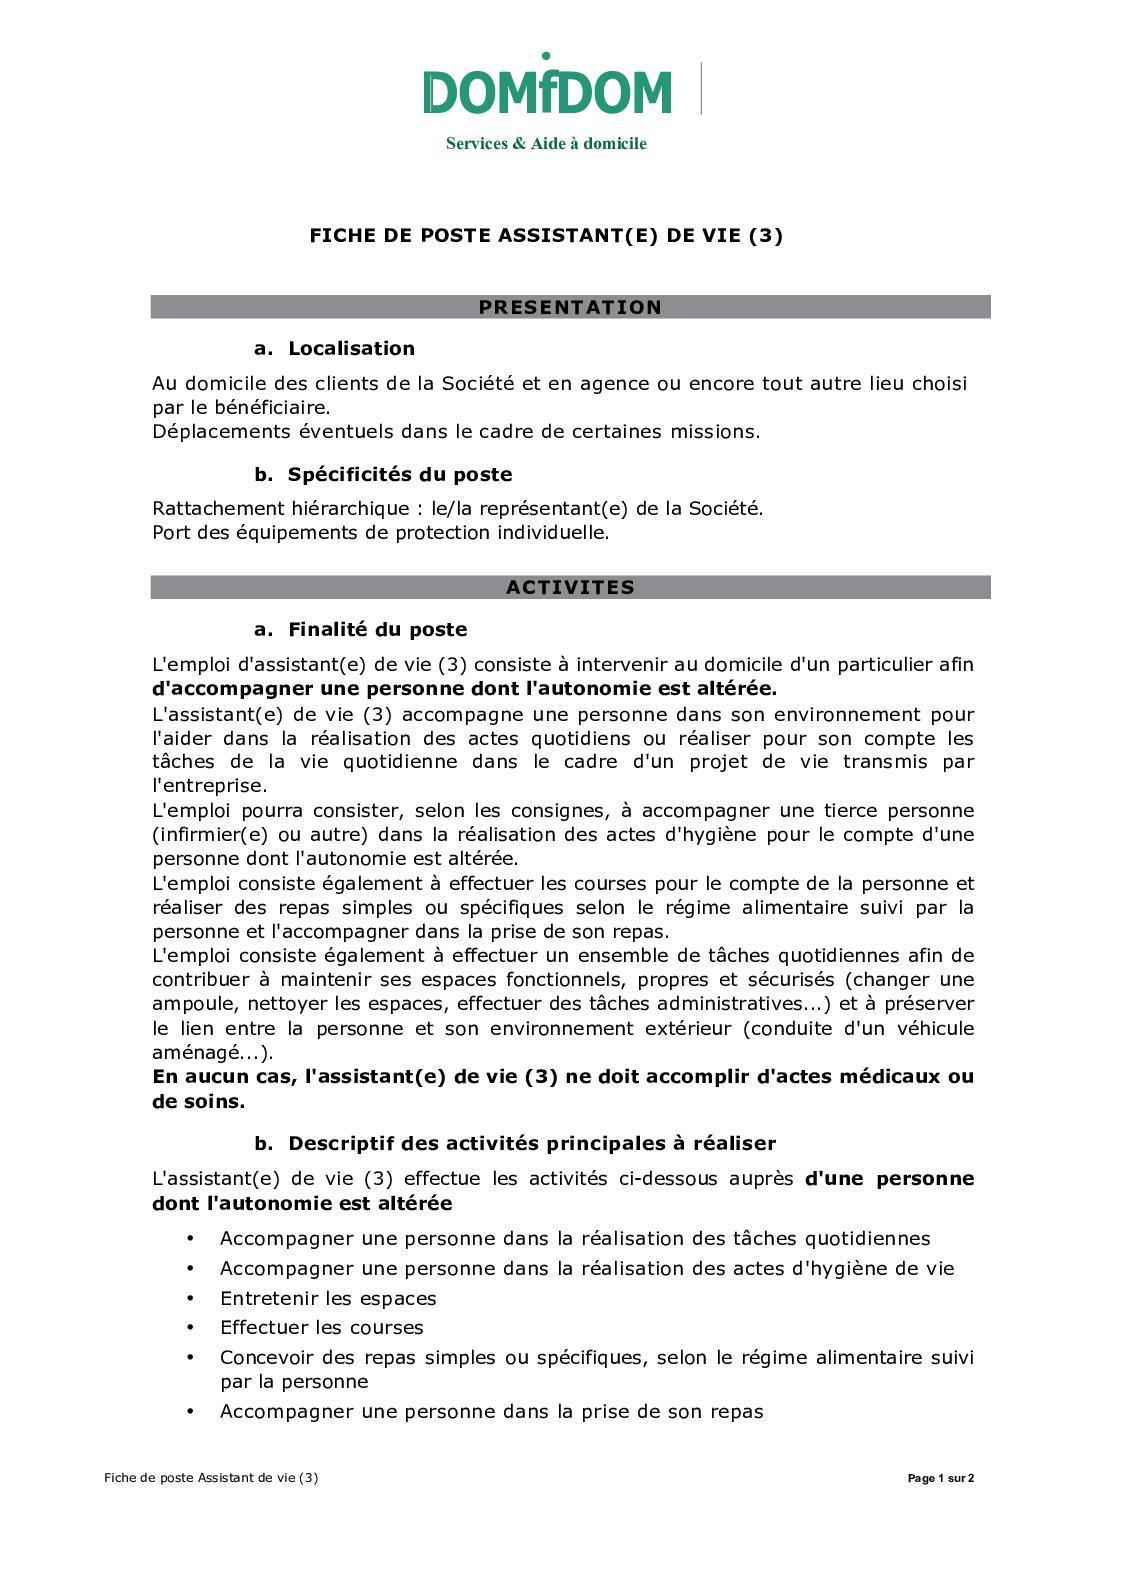 Calaméo - Domidom Fiche De Poste Auxiliaire De Vie 8